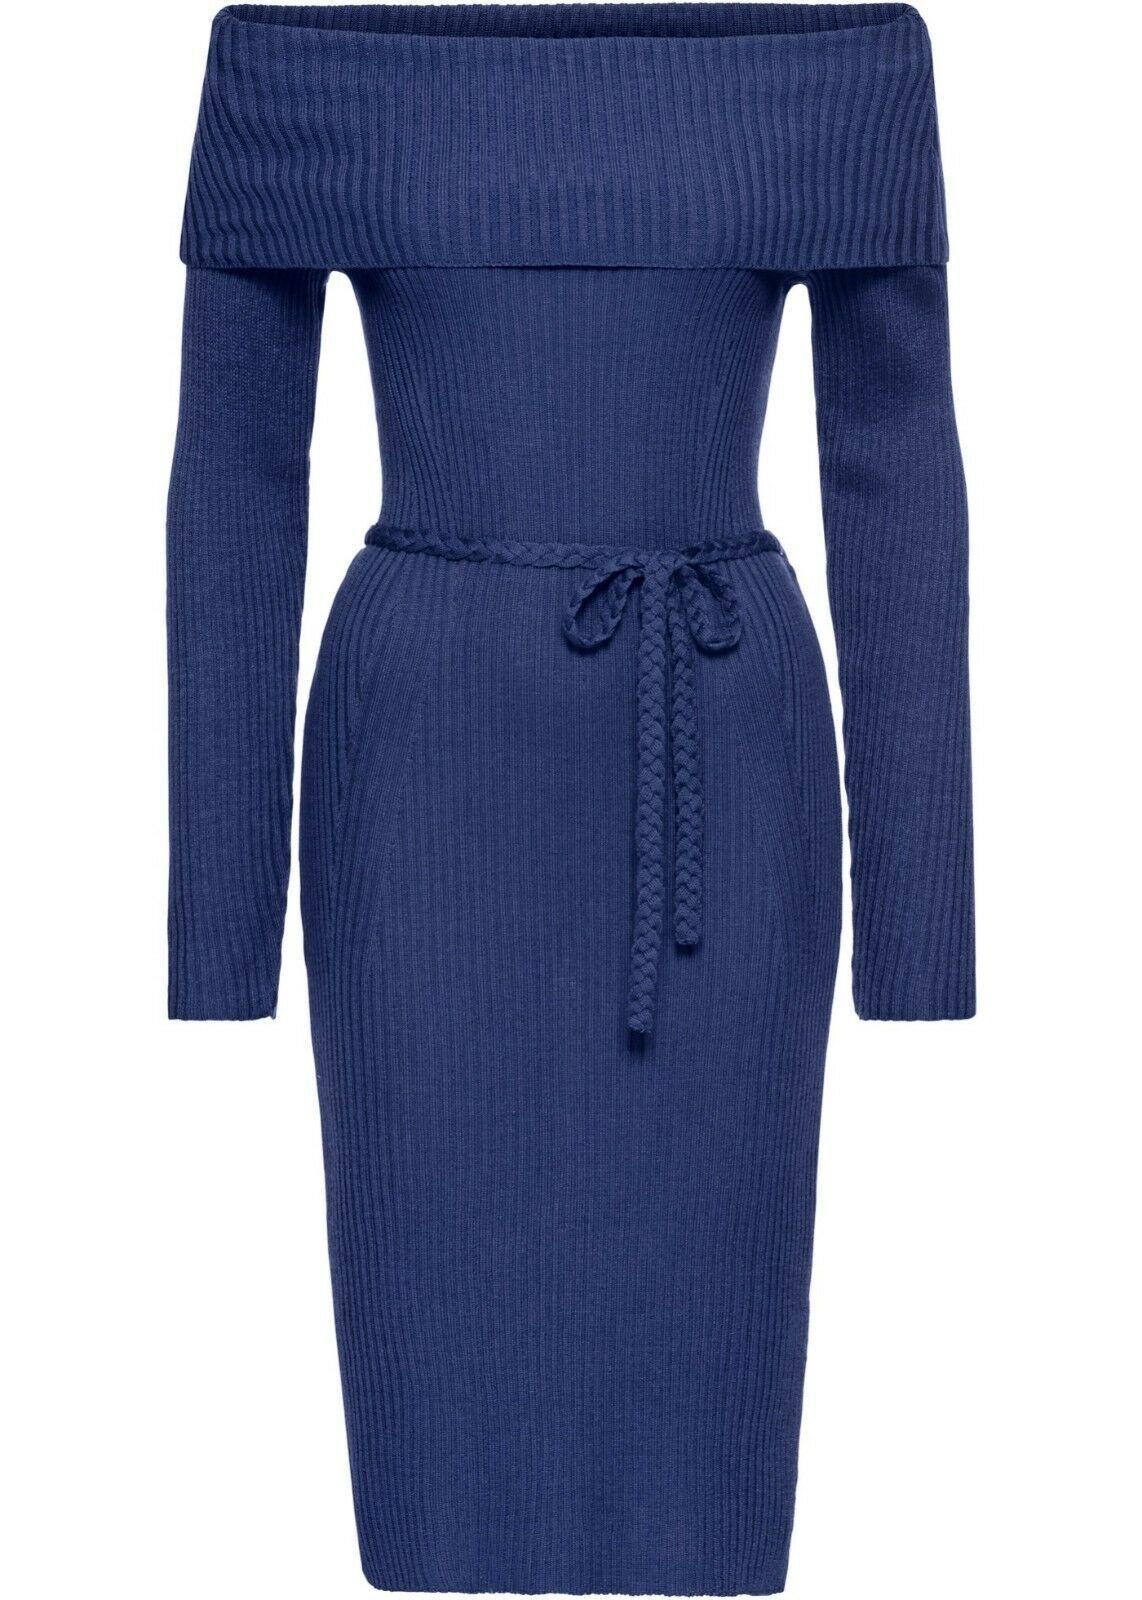 traumhaftes strick kleid in mitternachts-blau super design